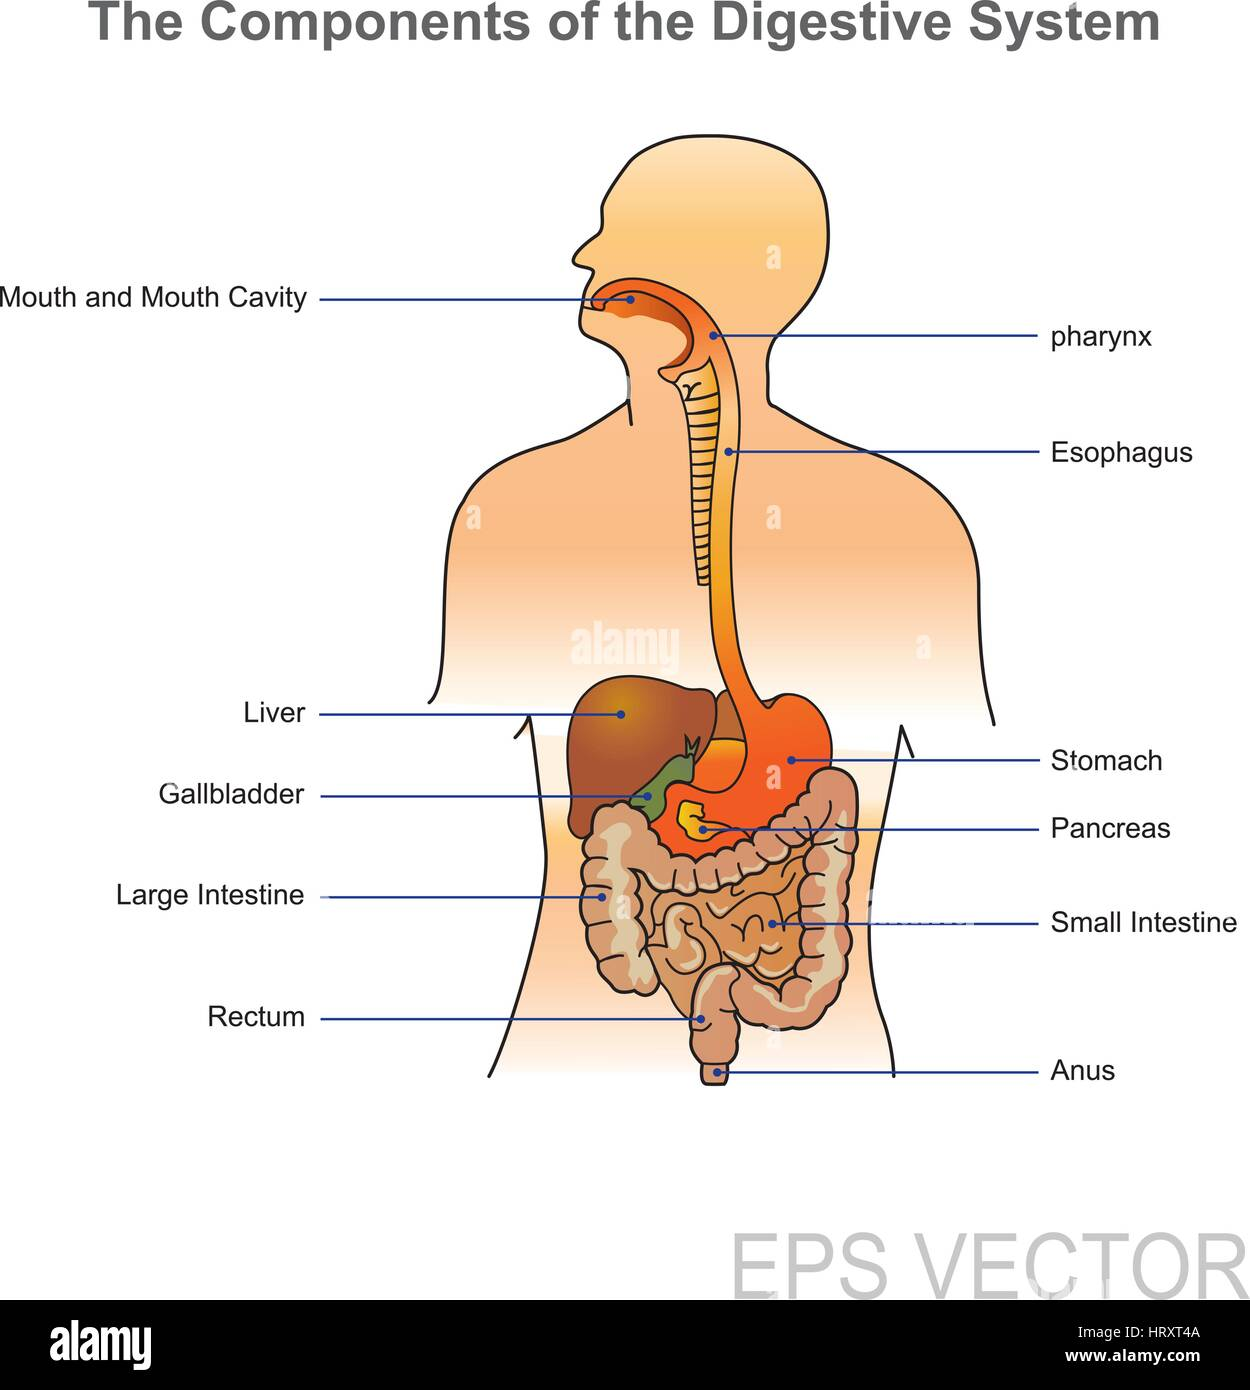 Das menschliche Verdauungssystem besteht aus dem Magen-Darm-Trakt ...